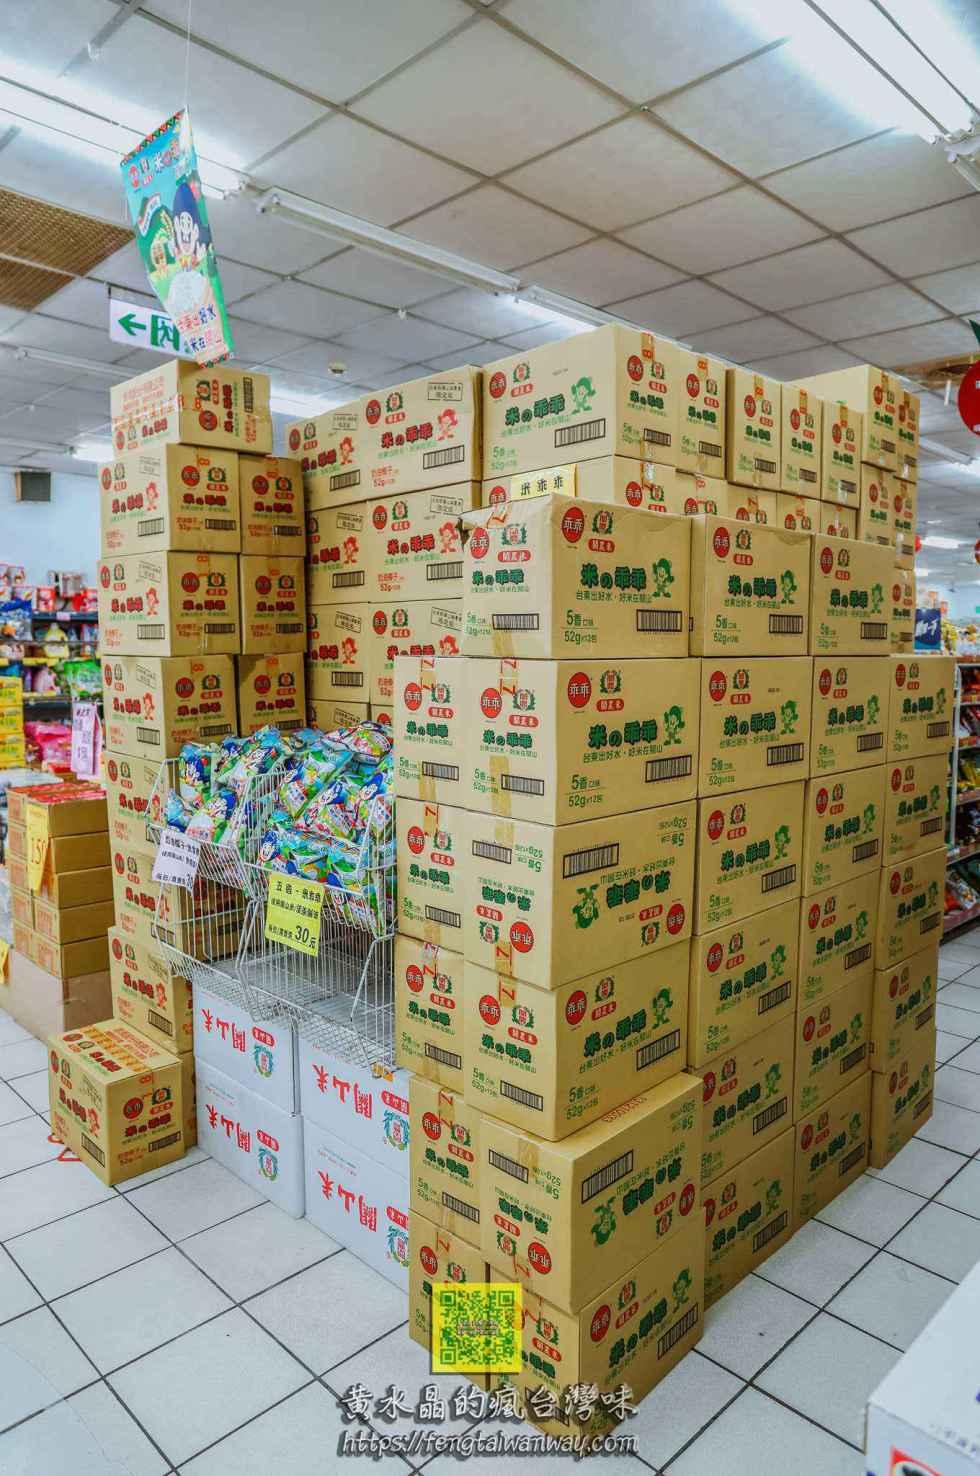 關山鎮農會超市【台東美食】|一上架就準備完售的高人氣必買關山限定版米乖乖 @黃水晶的瘋台灣味